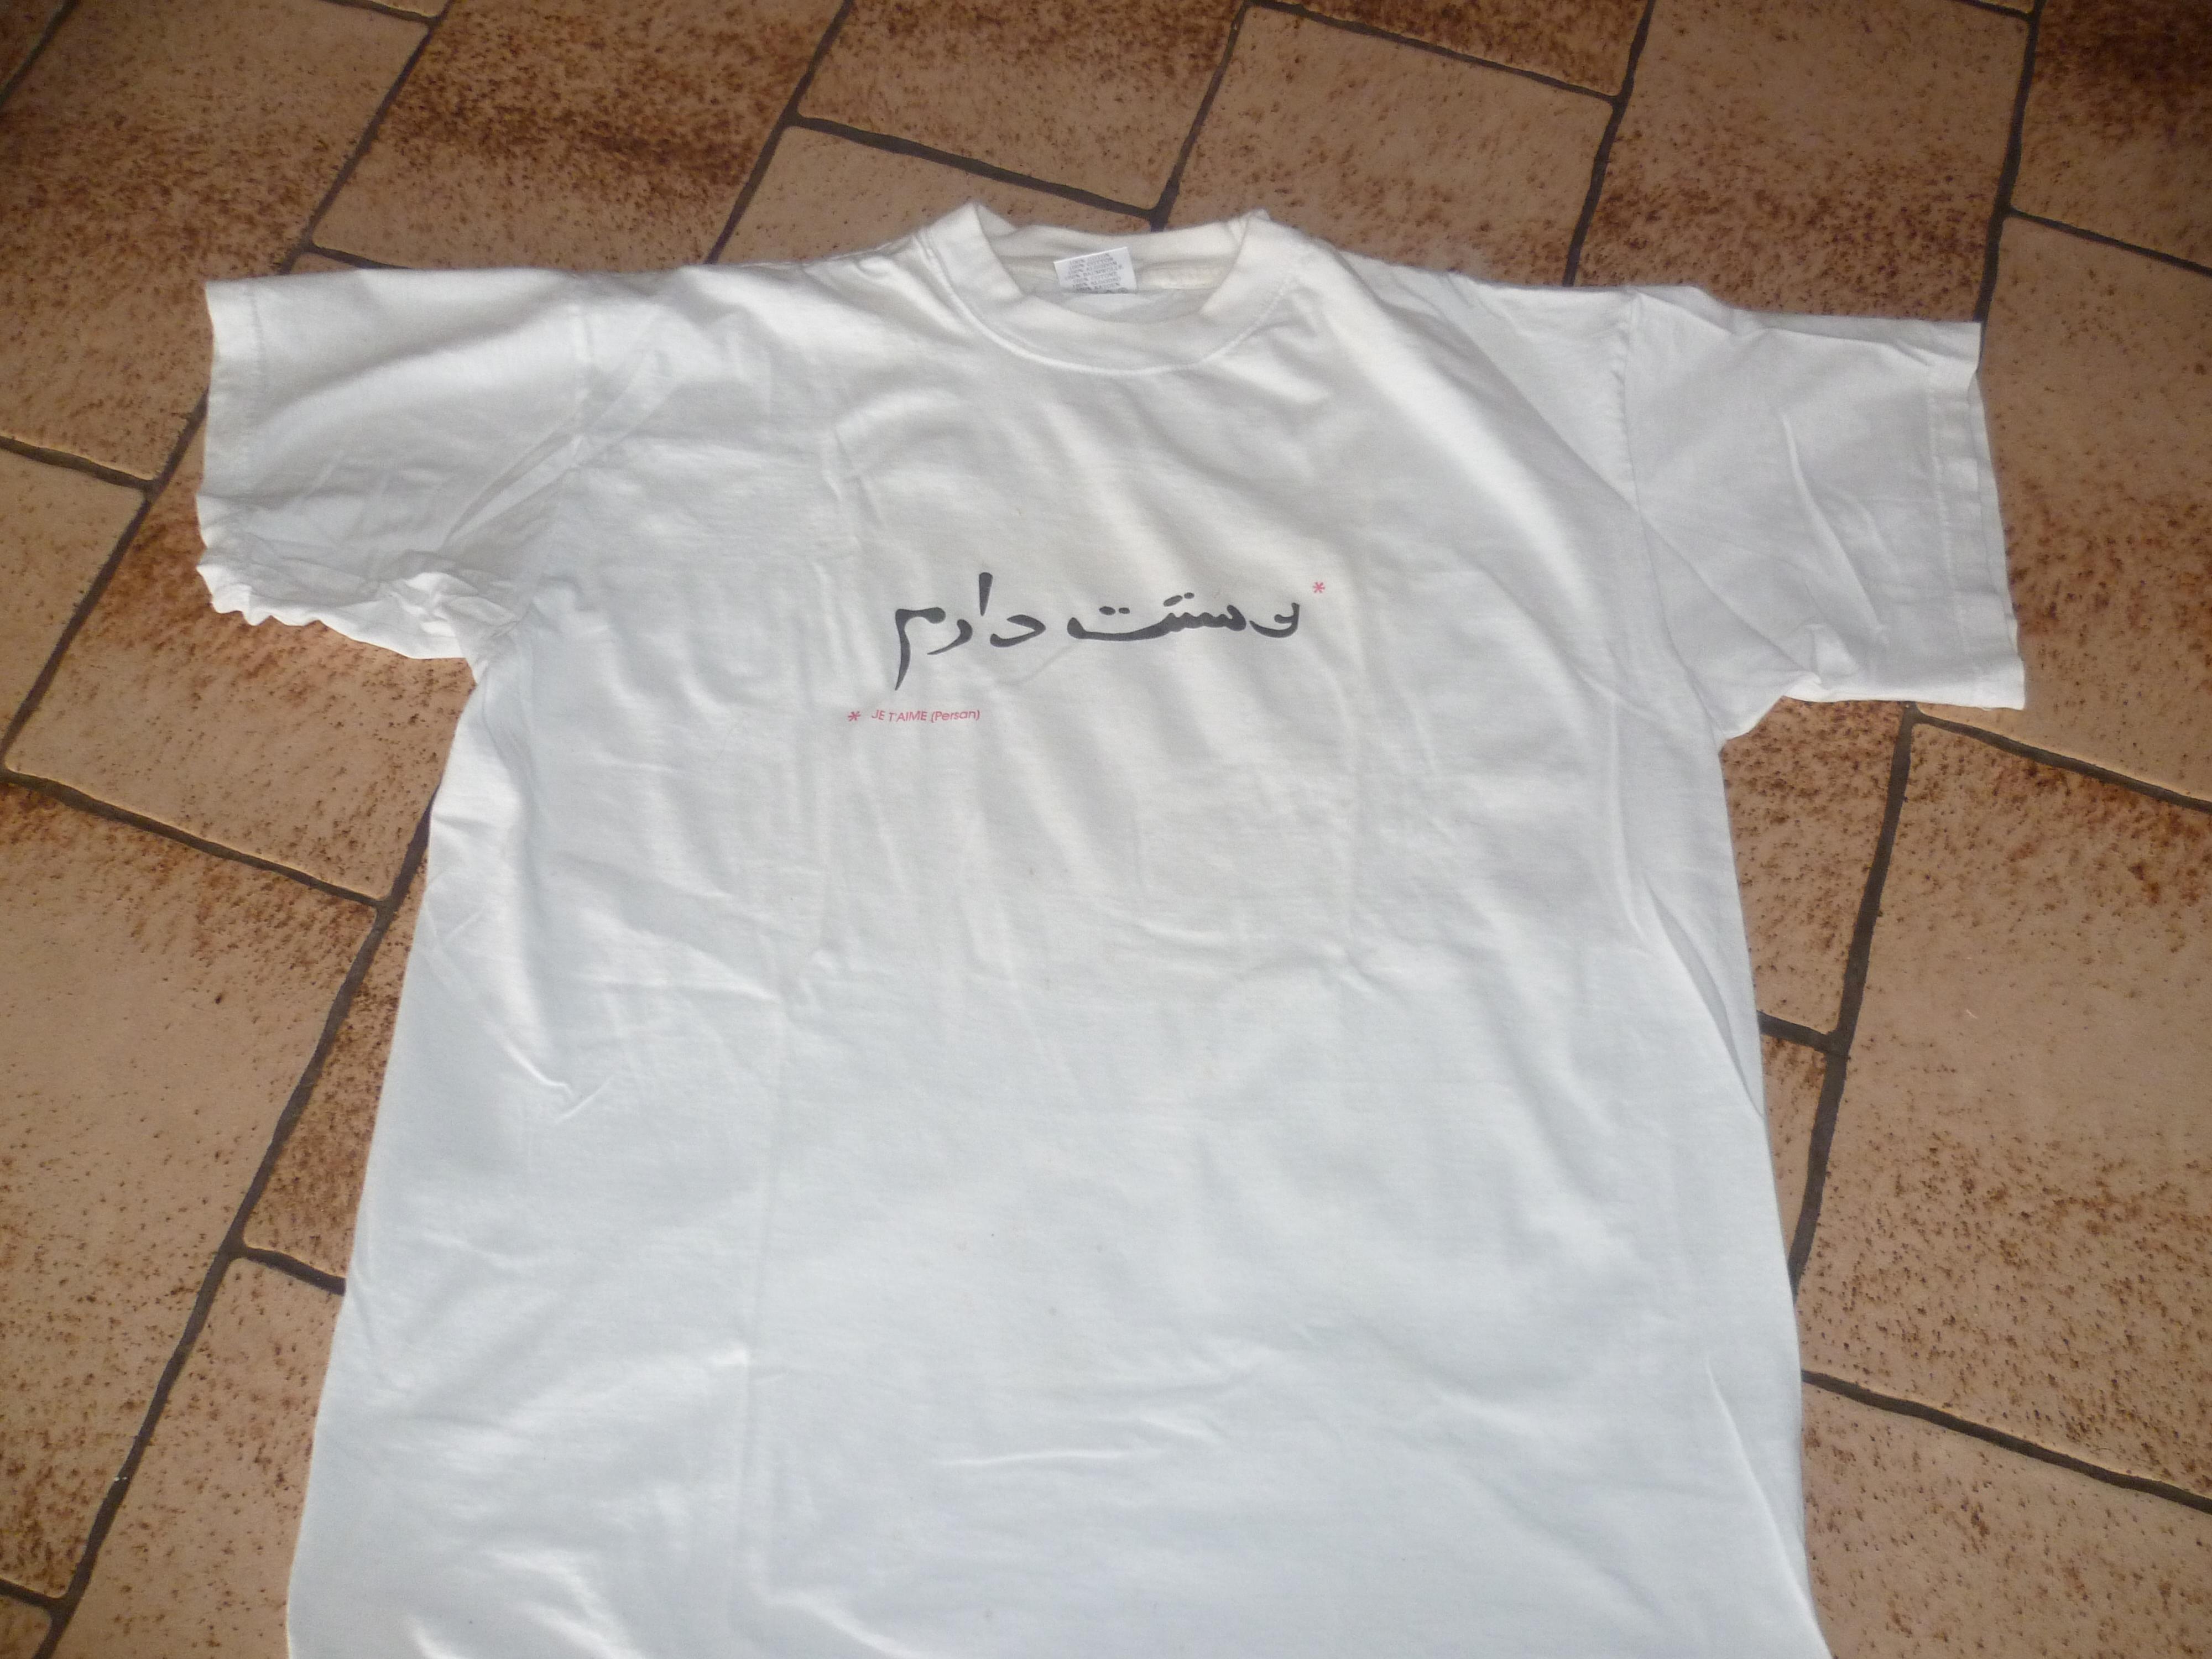 troc de troc tee-shirt - je t'aime en persan image 0